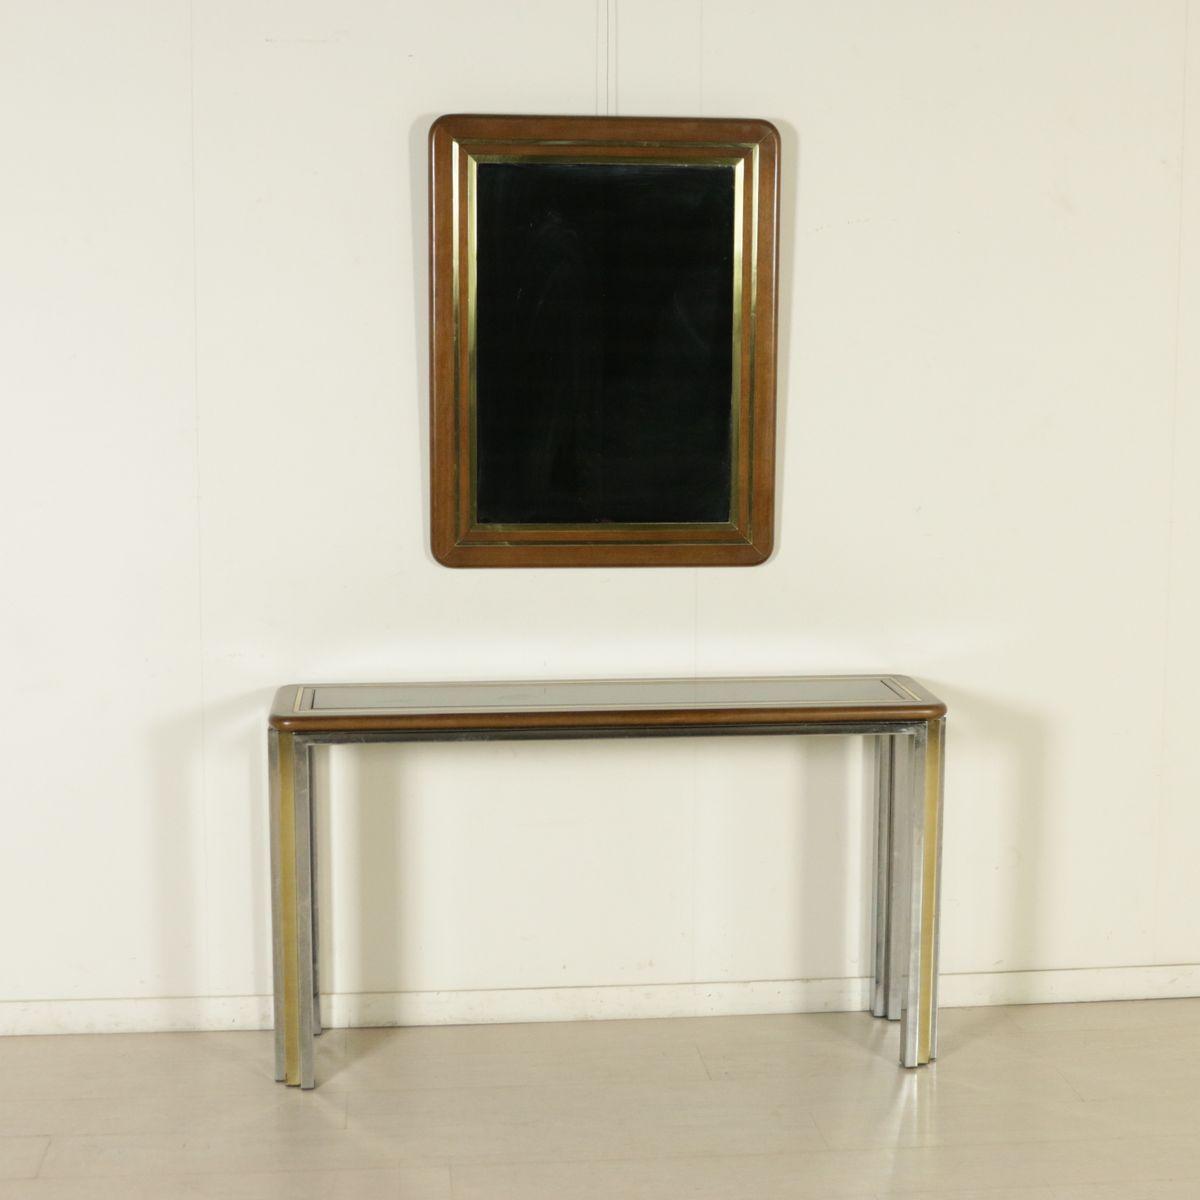 konsolentisch mit spiegel 1970er bei pamono kaufen. Black Bedroom Furniture Sets. Home Design Ideas